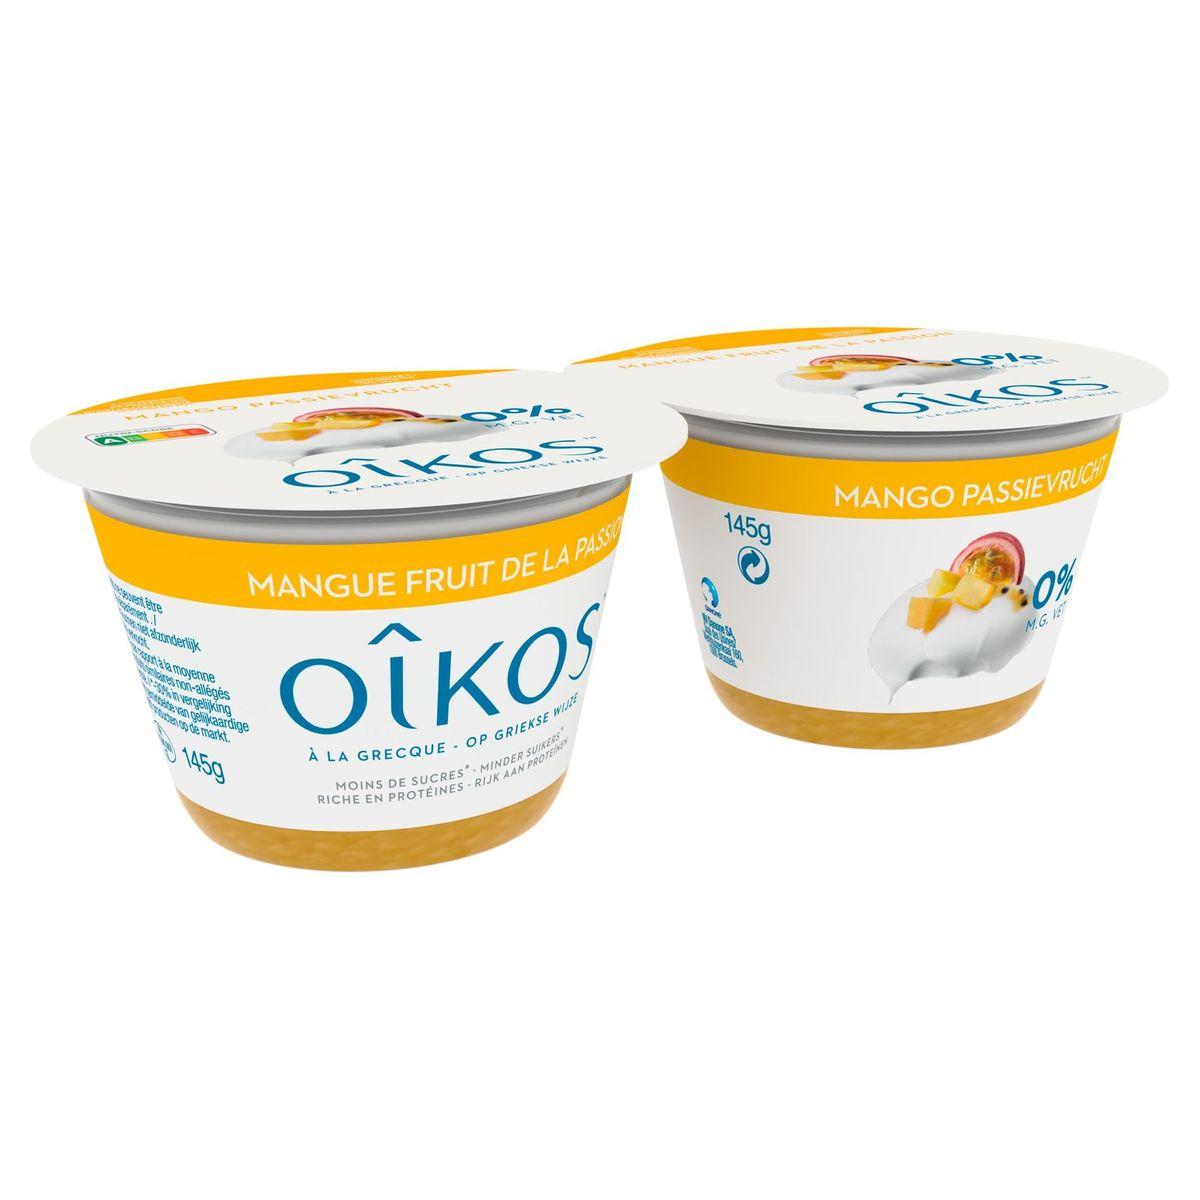 Oikos Yaourt à la Grecque Mangue Fruit de la Passion 0% 2 x 145 g